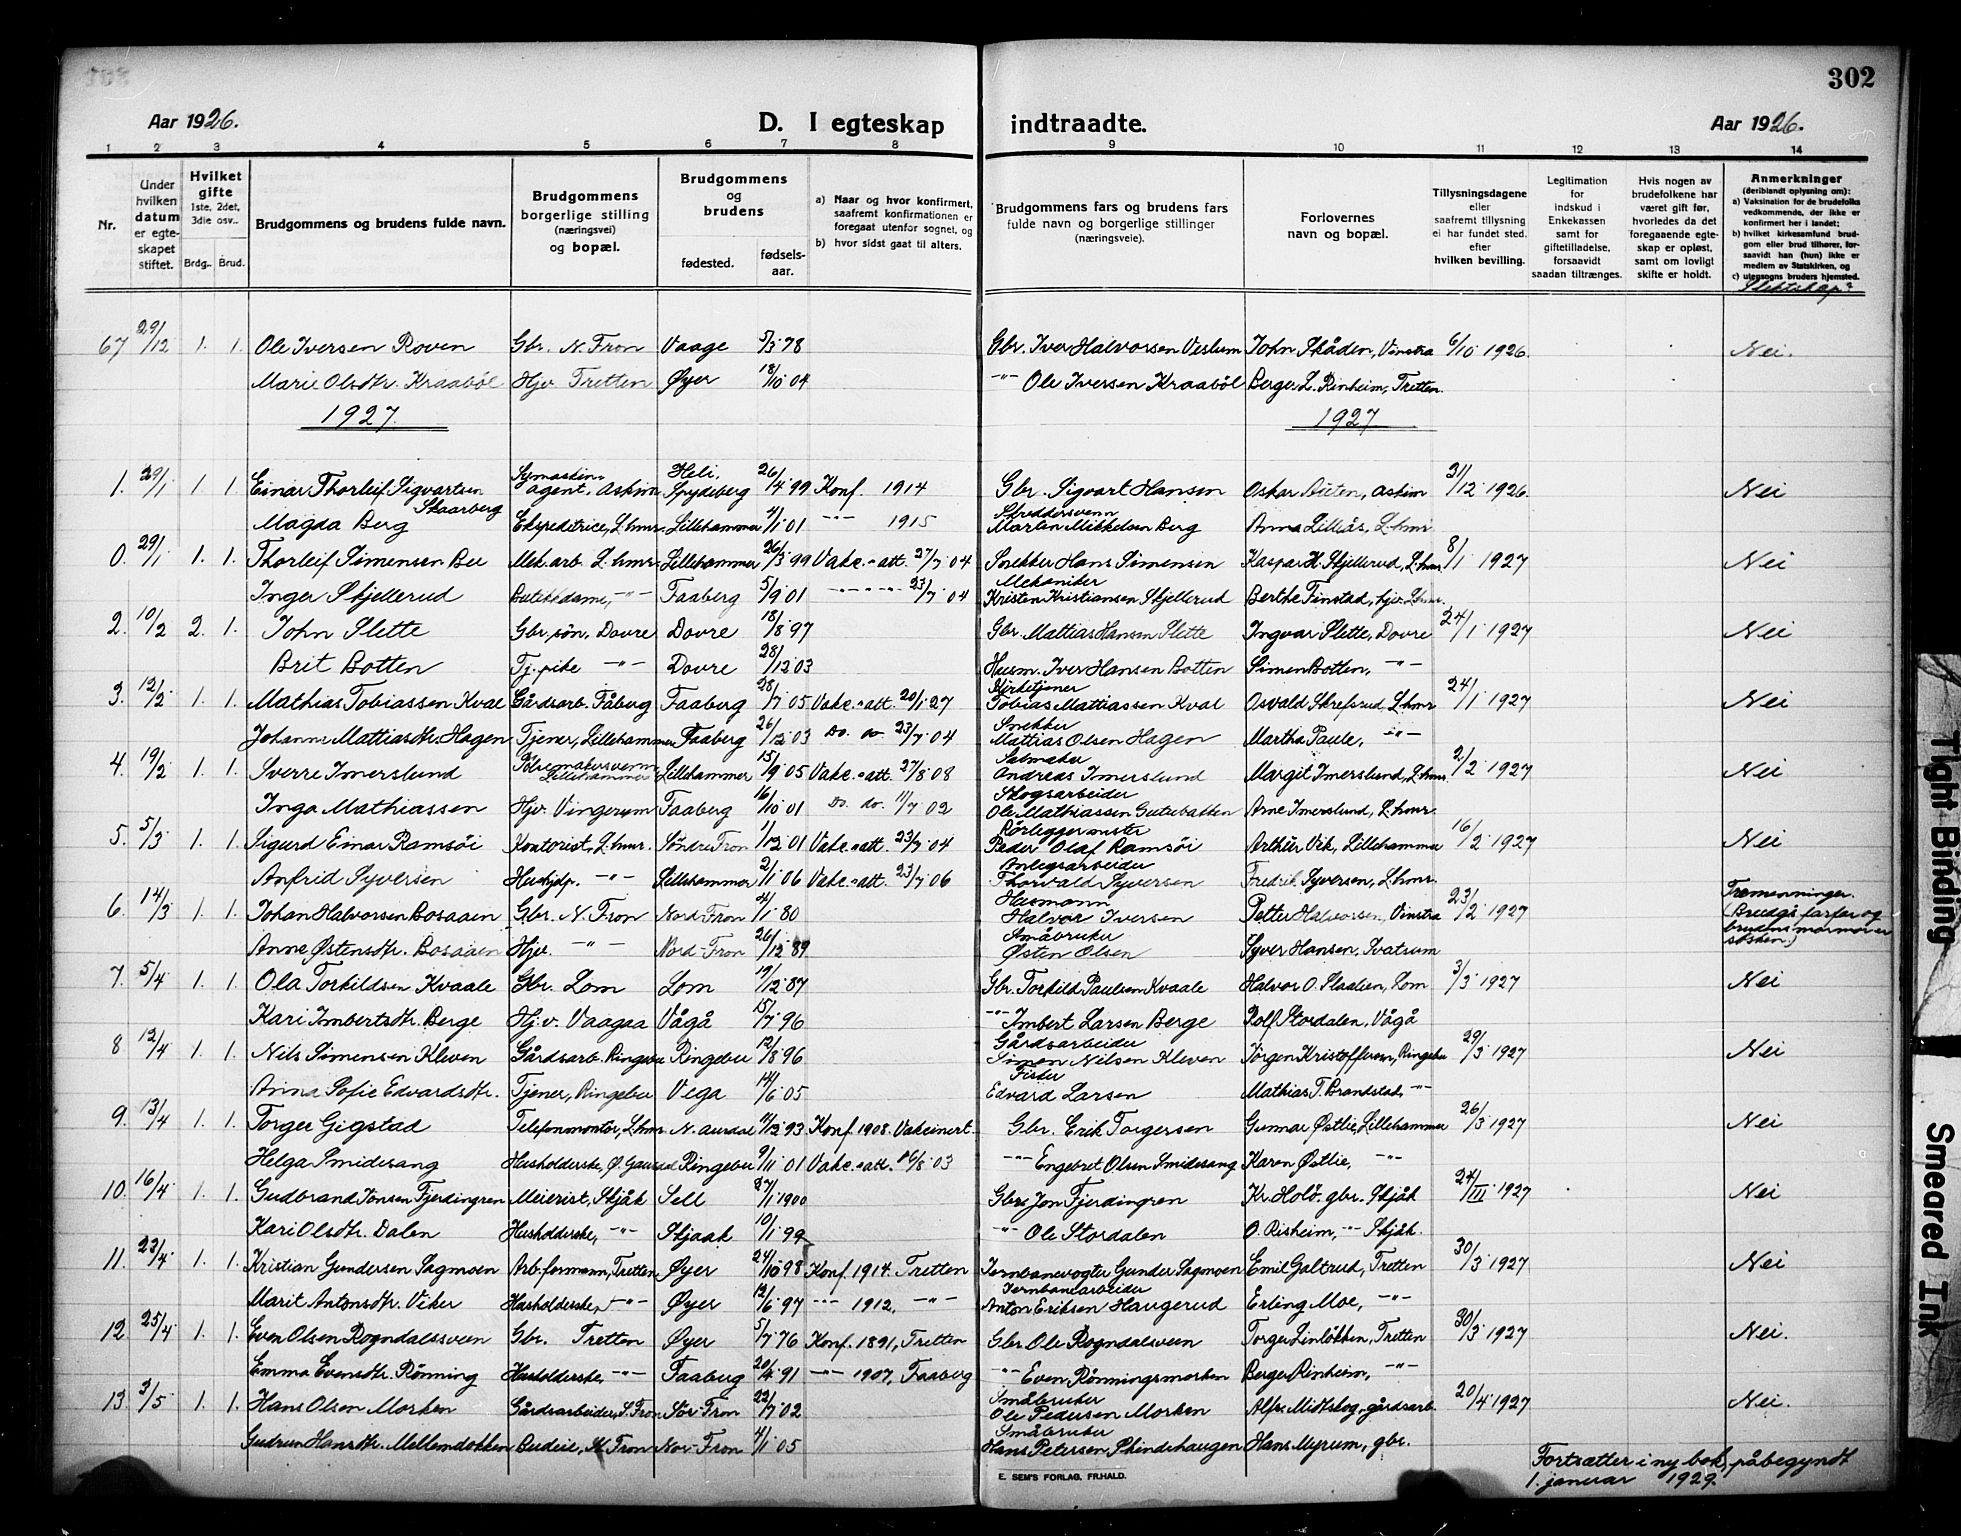 SAH, Lillehammer prestekontor, Klokkerbok nr. 2, 1913-1929, s. 302